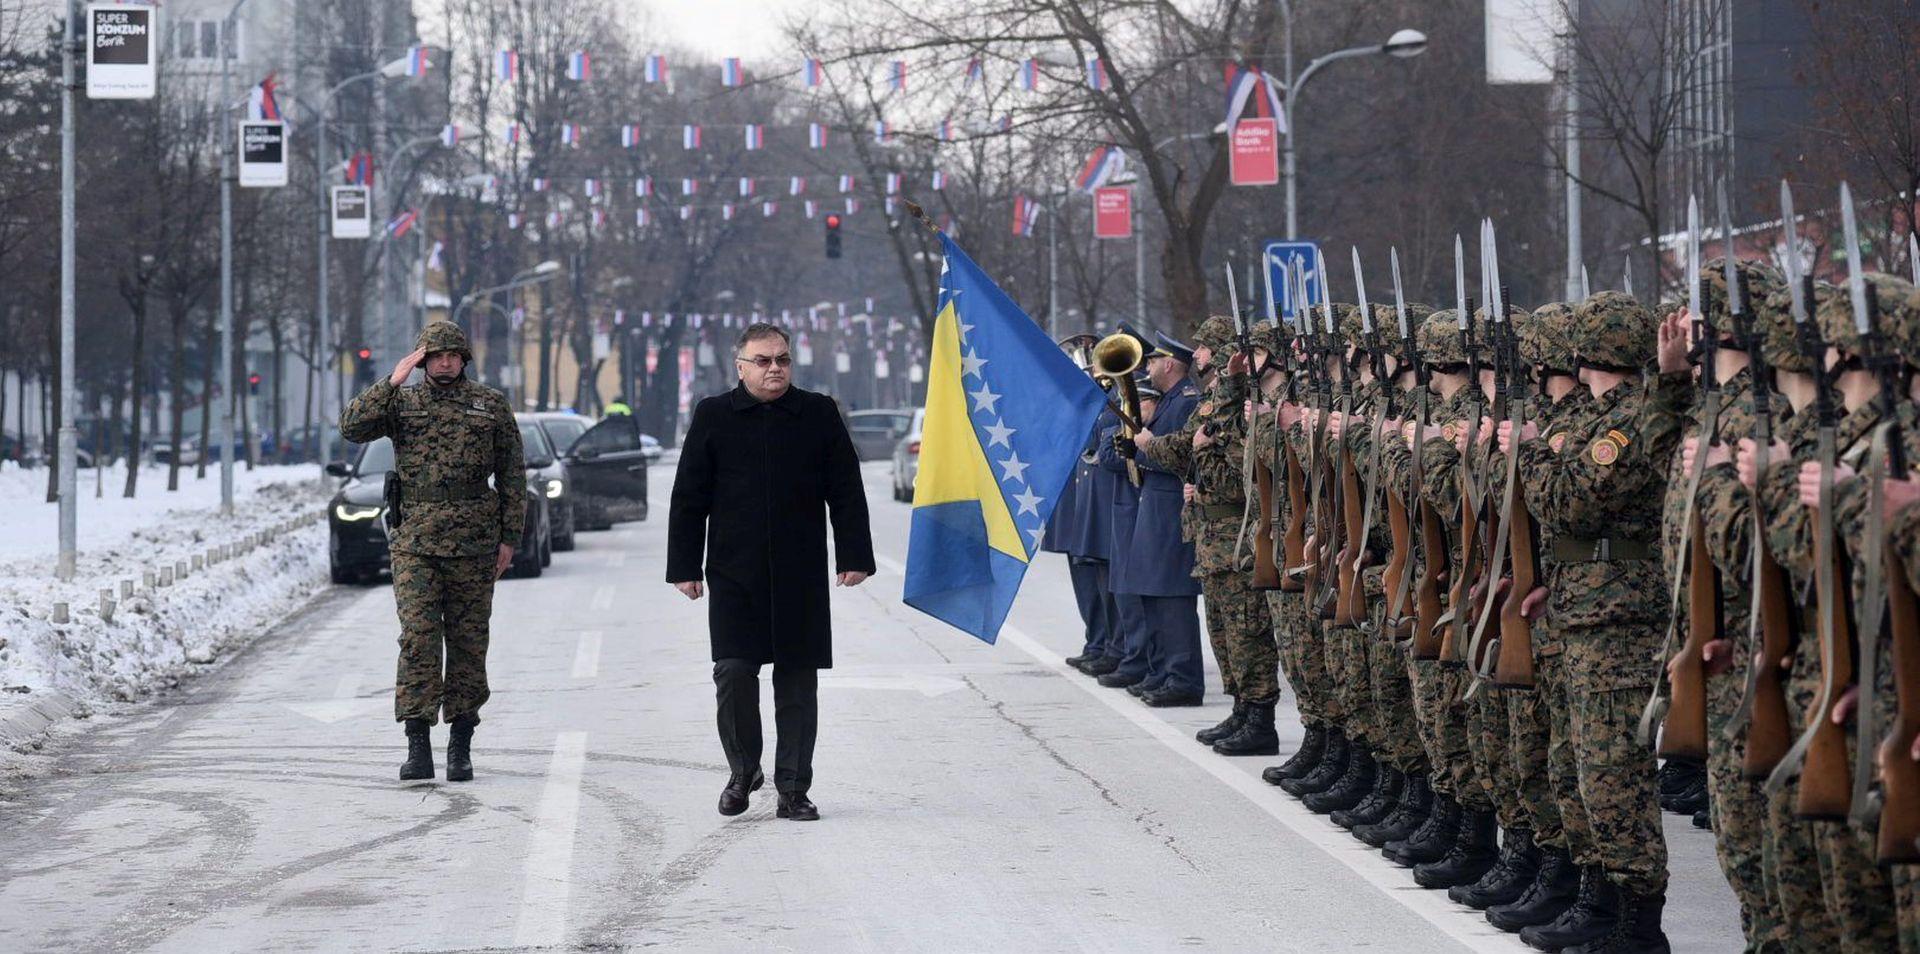 Obilježen samoproglašeni dan RS-a, Dodik poručio da nikada neće odustati od RS kao države